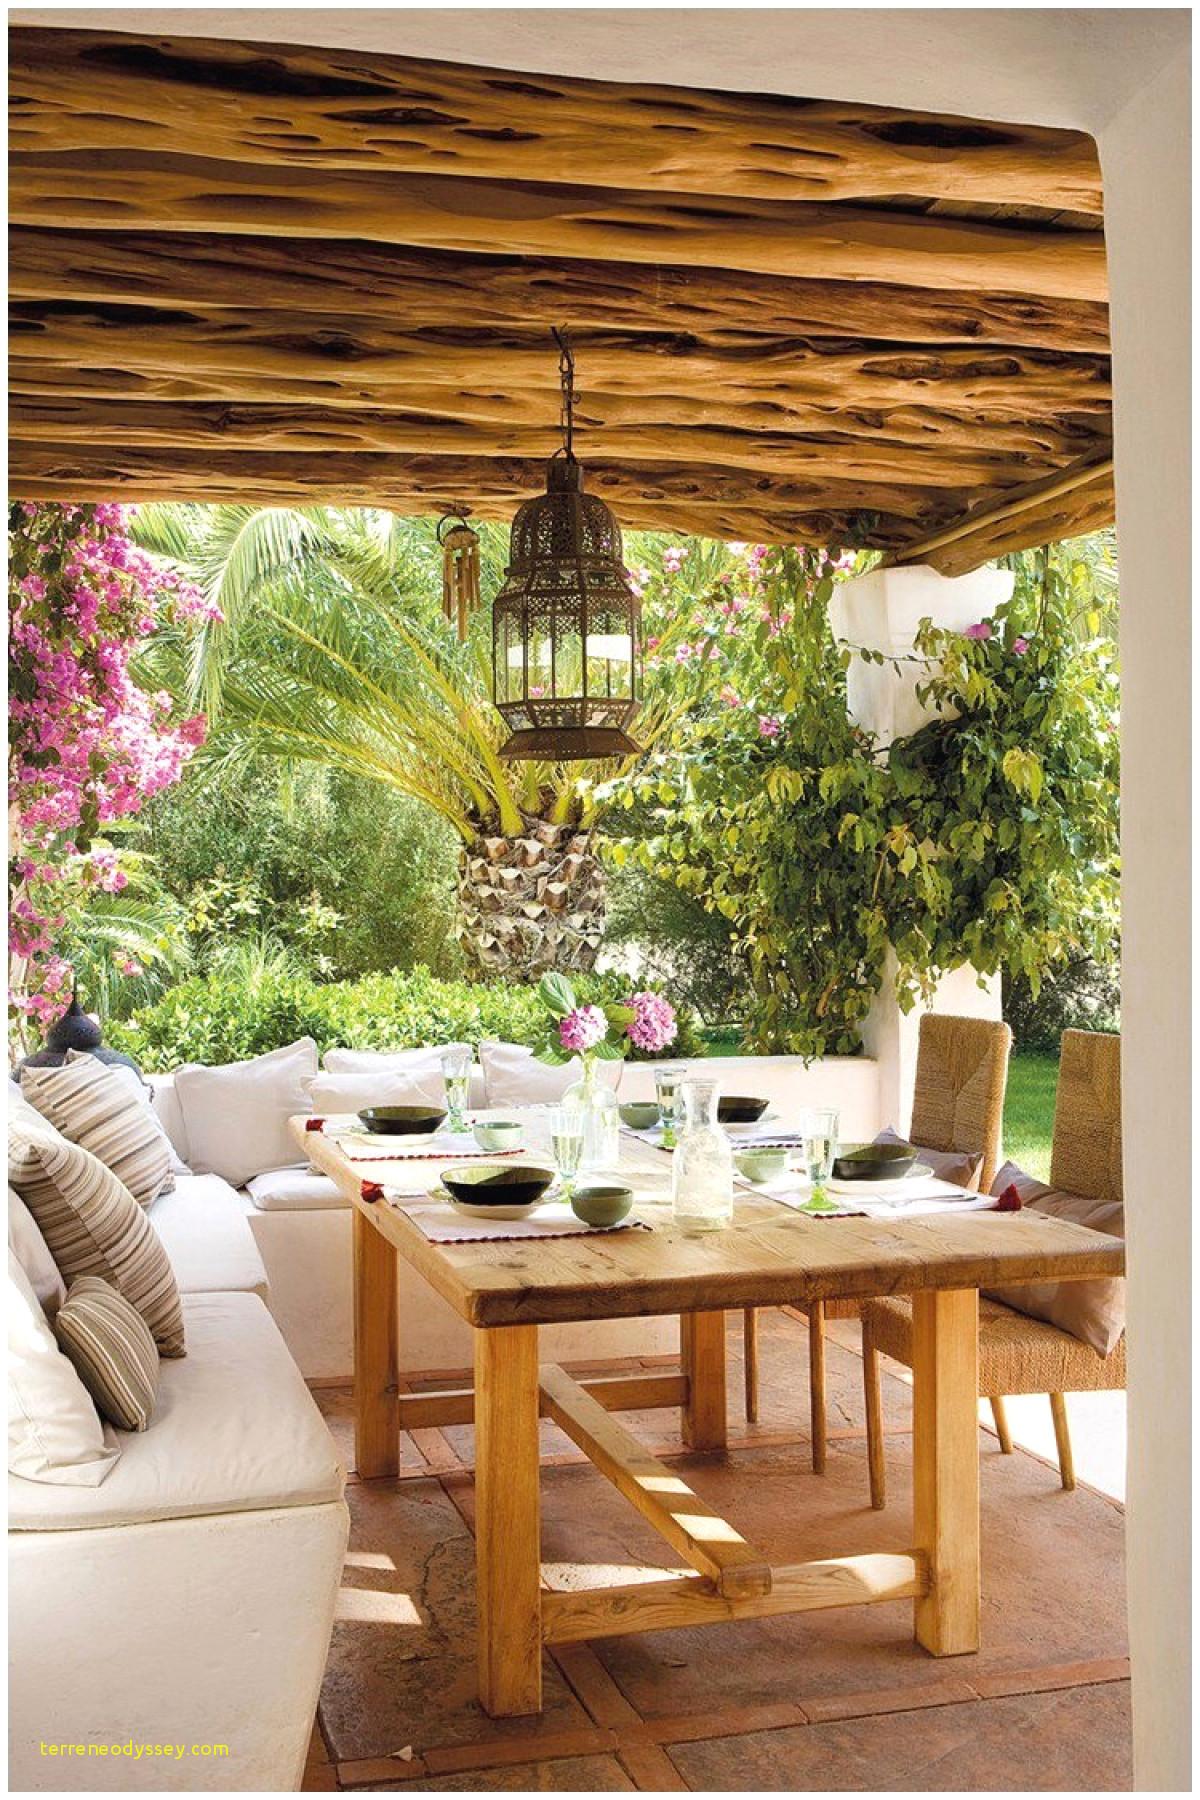 Mon Aménagement Jardin Élégant 28 Meilleur Canapé Darty Idées Of 36 Nouveau Mon Aménagement Jardin